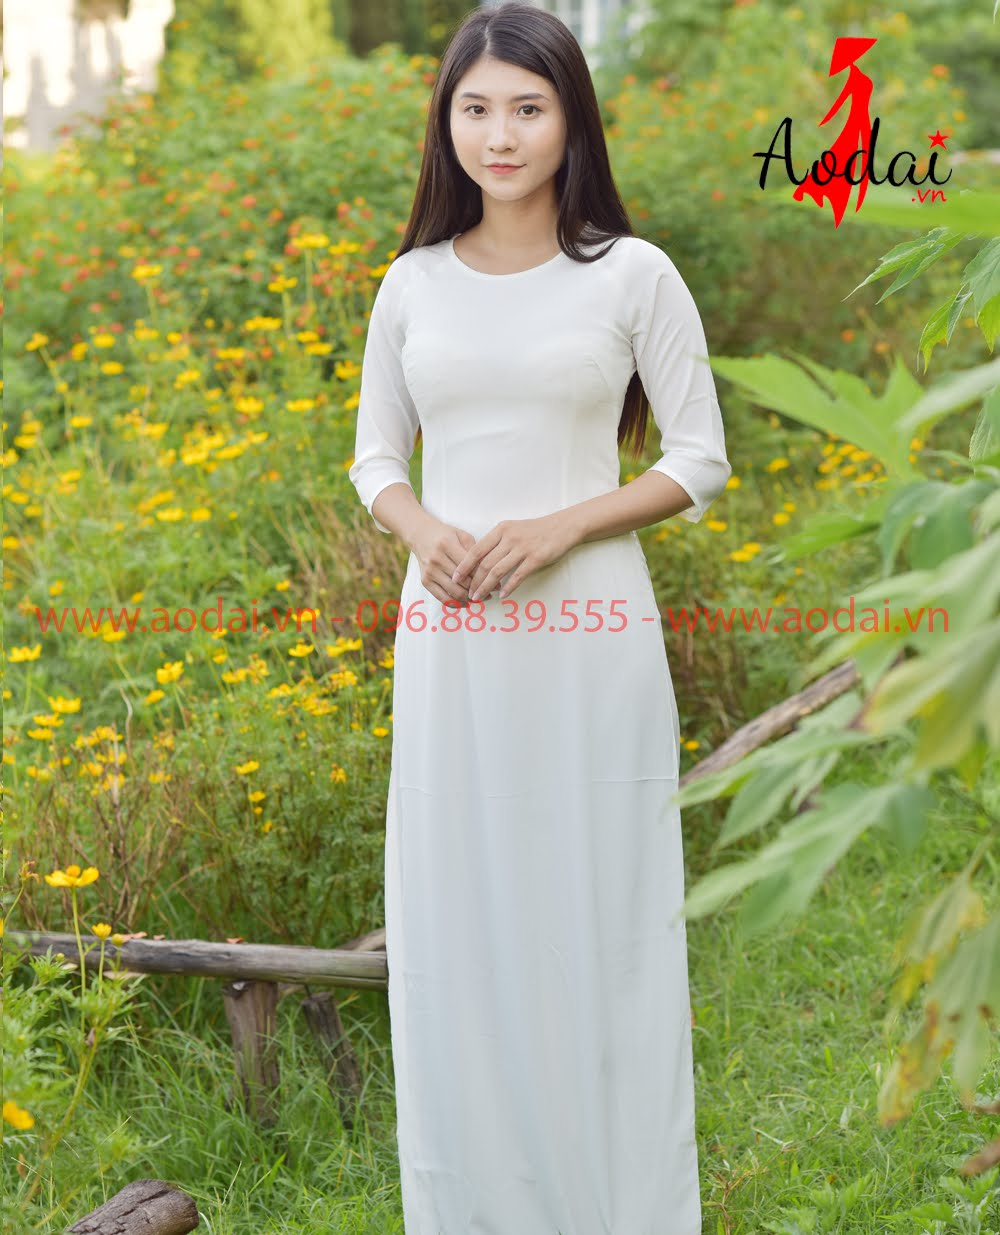 May áo dài tại Hóc Môn